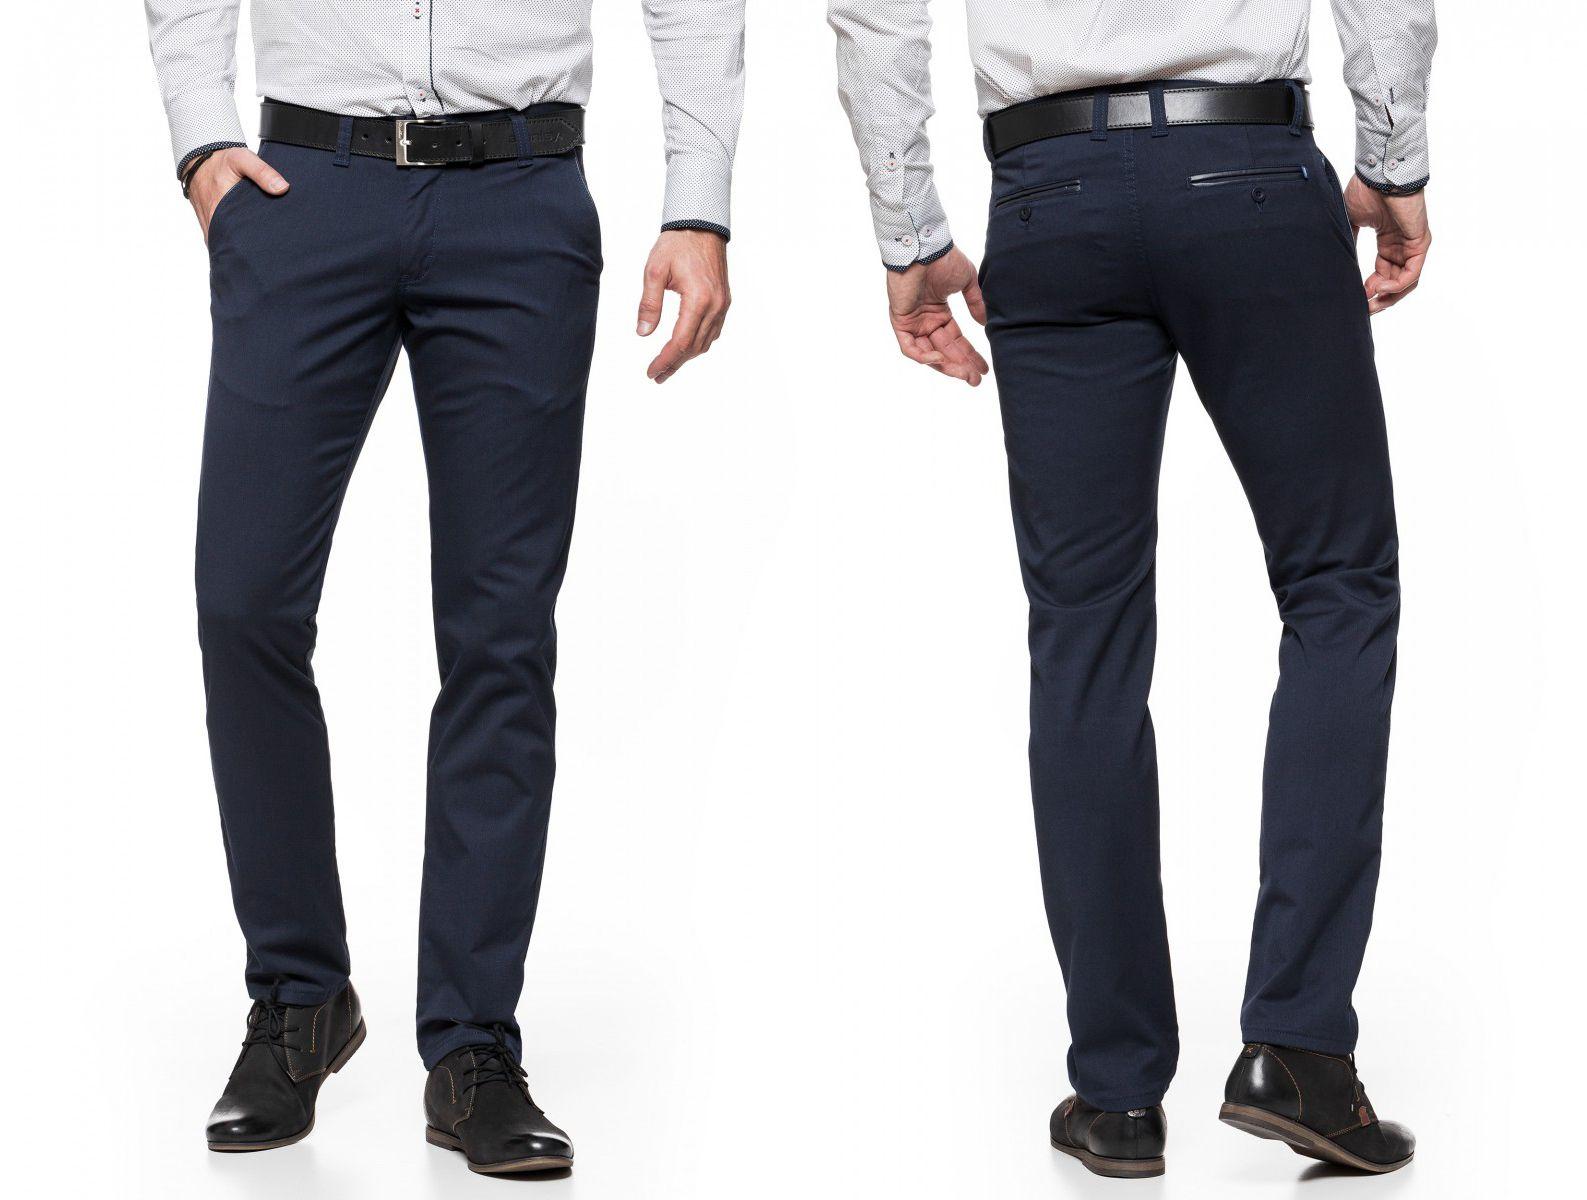 Spodnie Meskie Chinosy Vankel Jeans 026 122cm L32 Skinny Suit Pants Mens Skinny Suits Suits